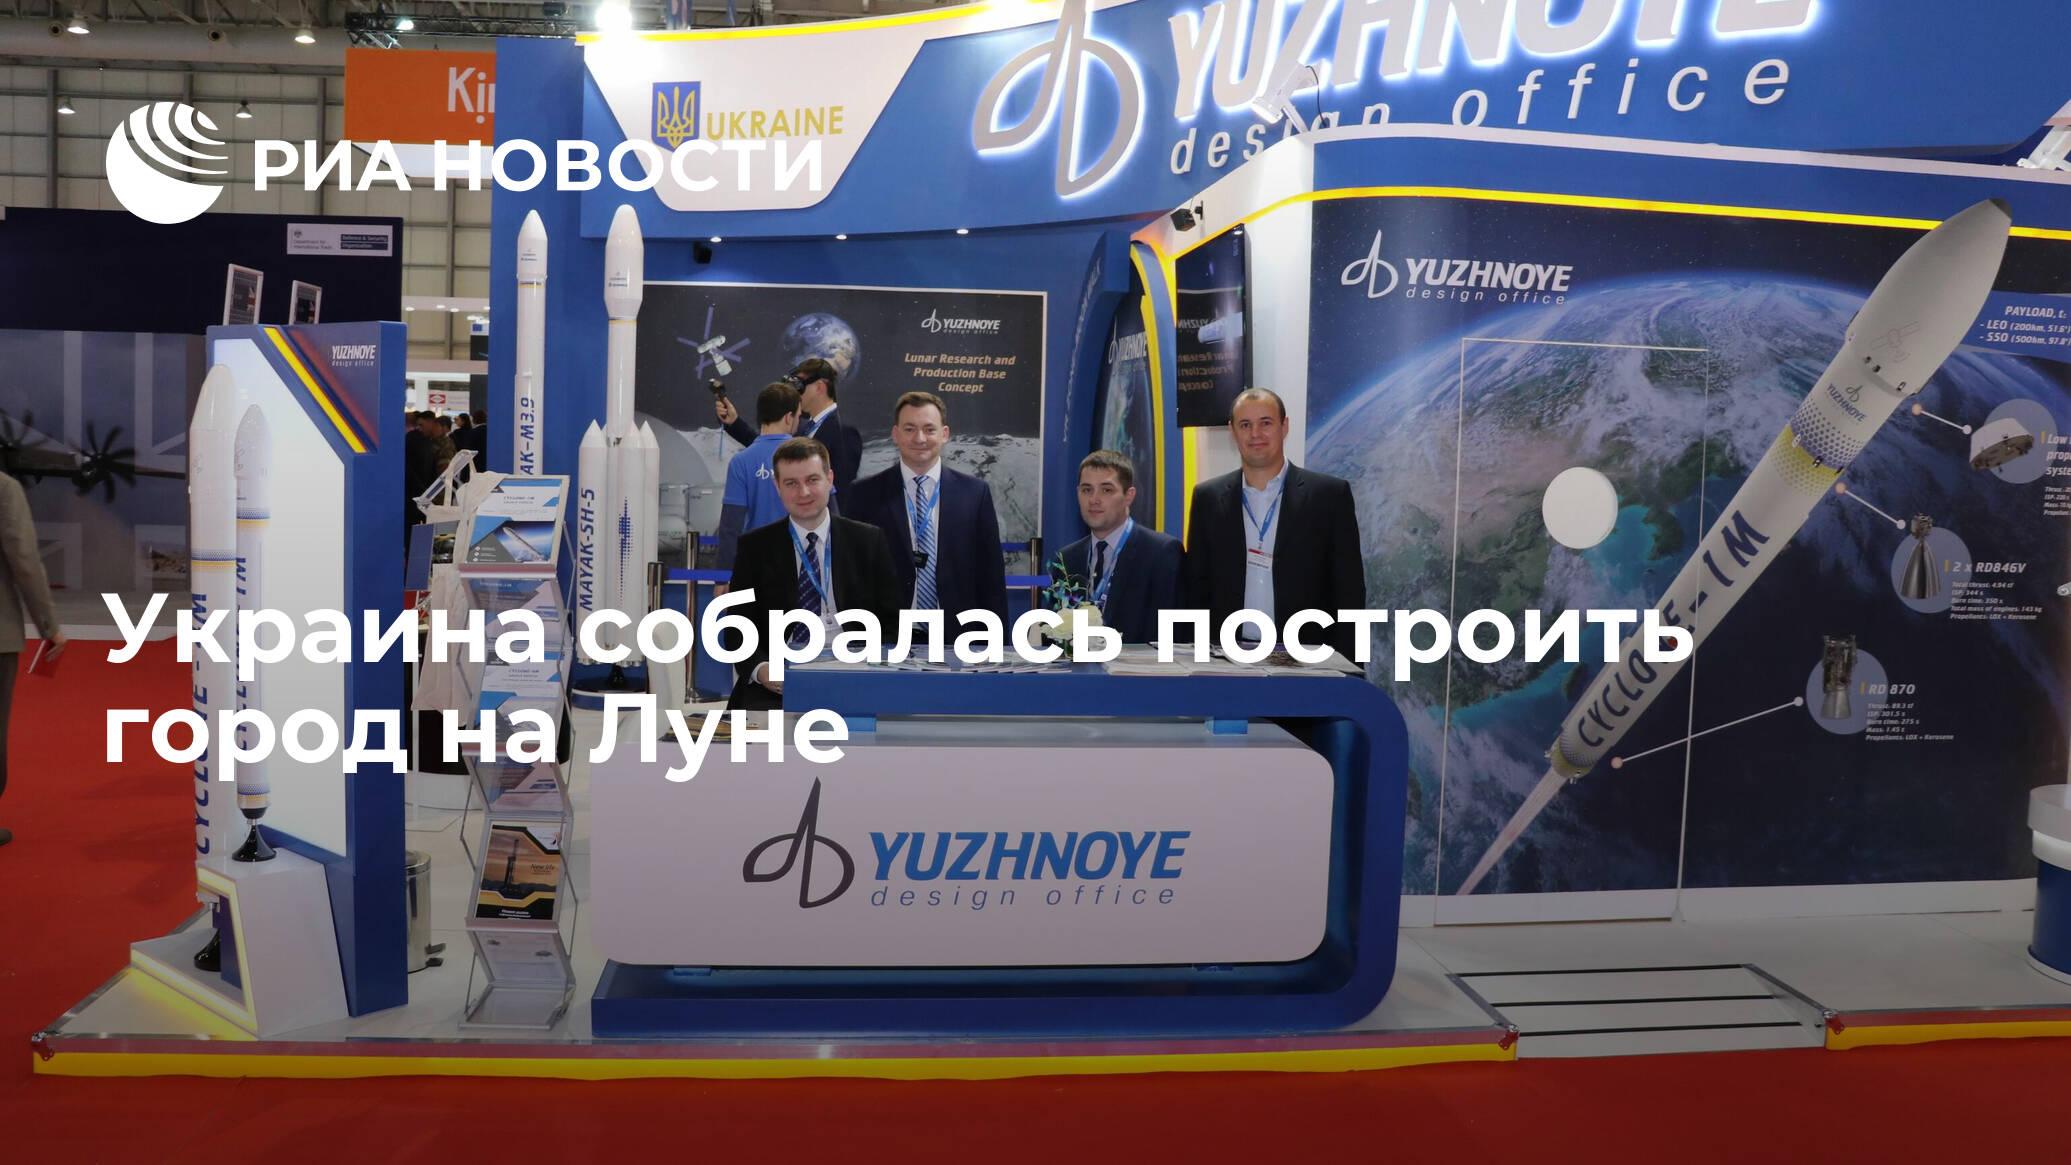 Украина собралась построить город на Луне